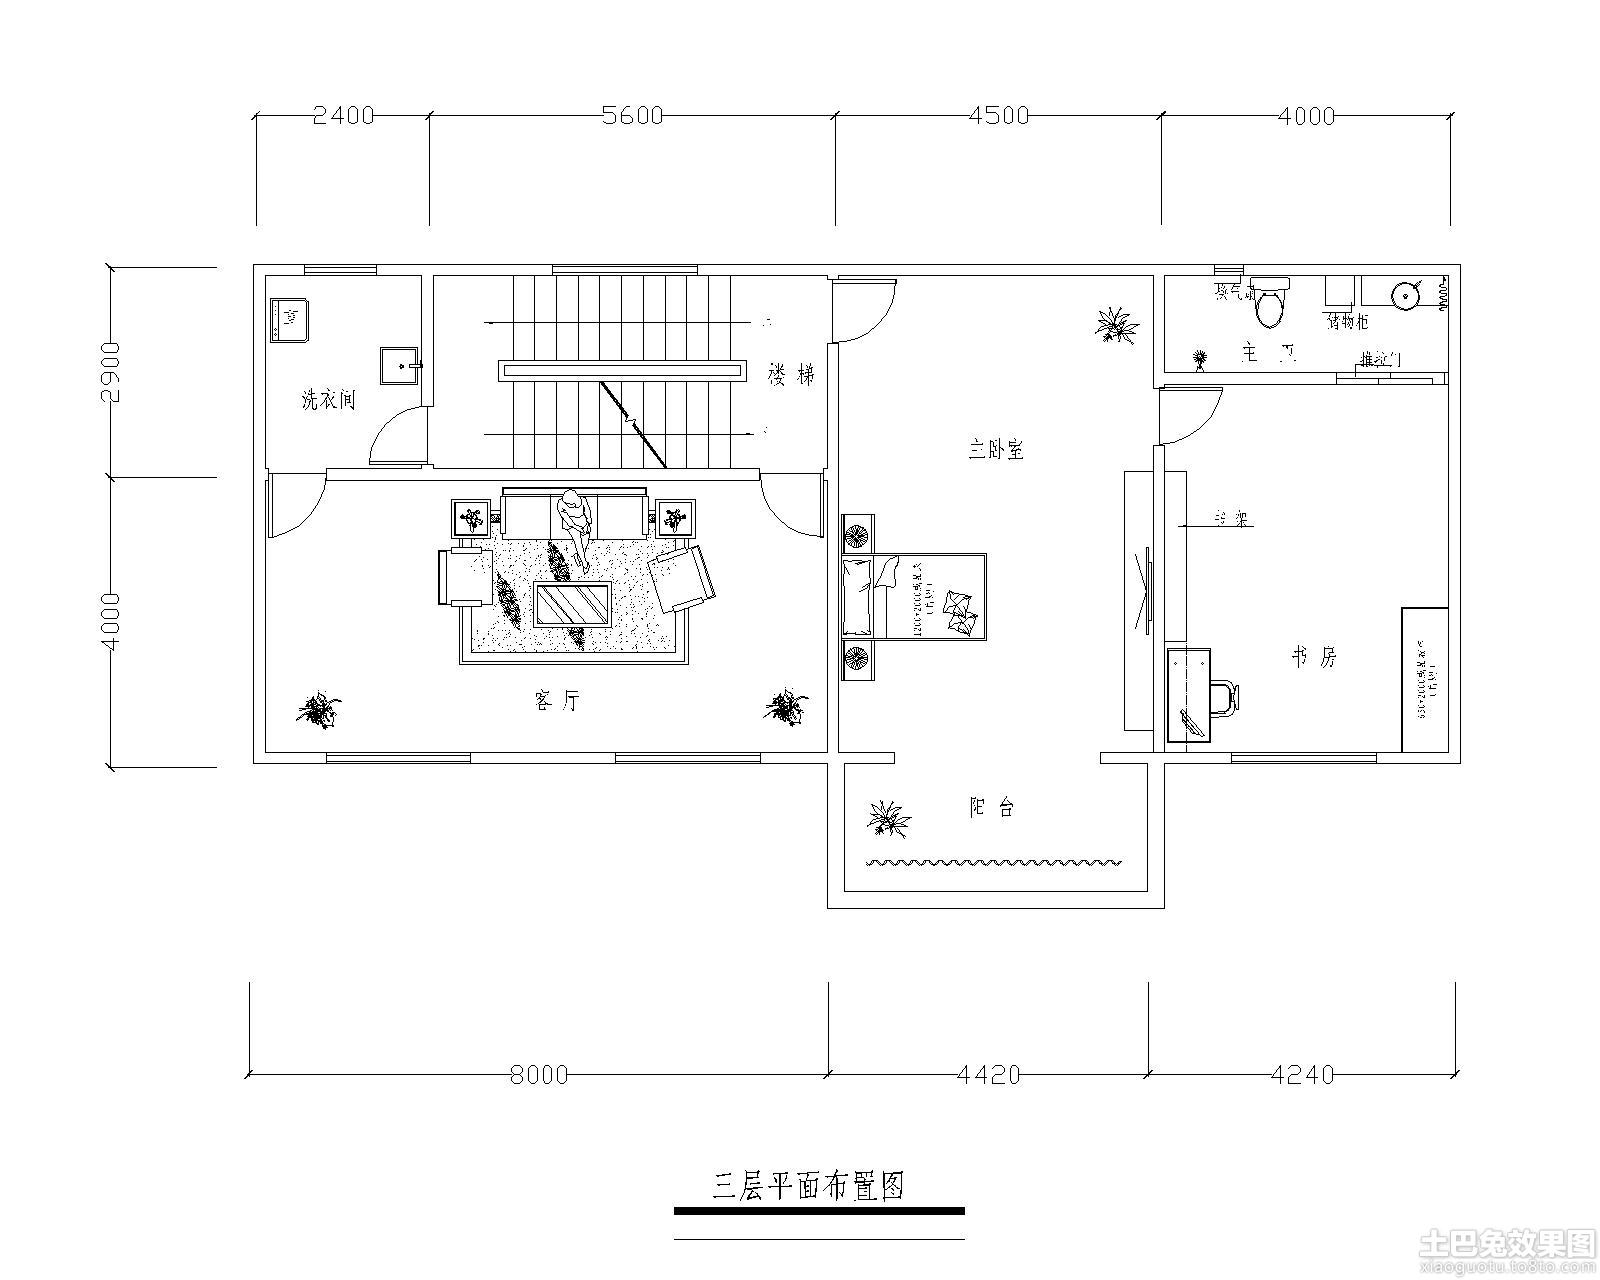 三层房屋设计平面图装修效果图_第10张 - 家居图库